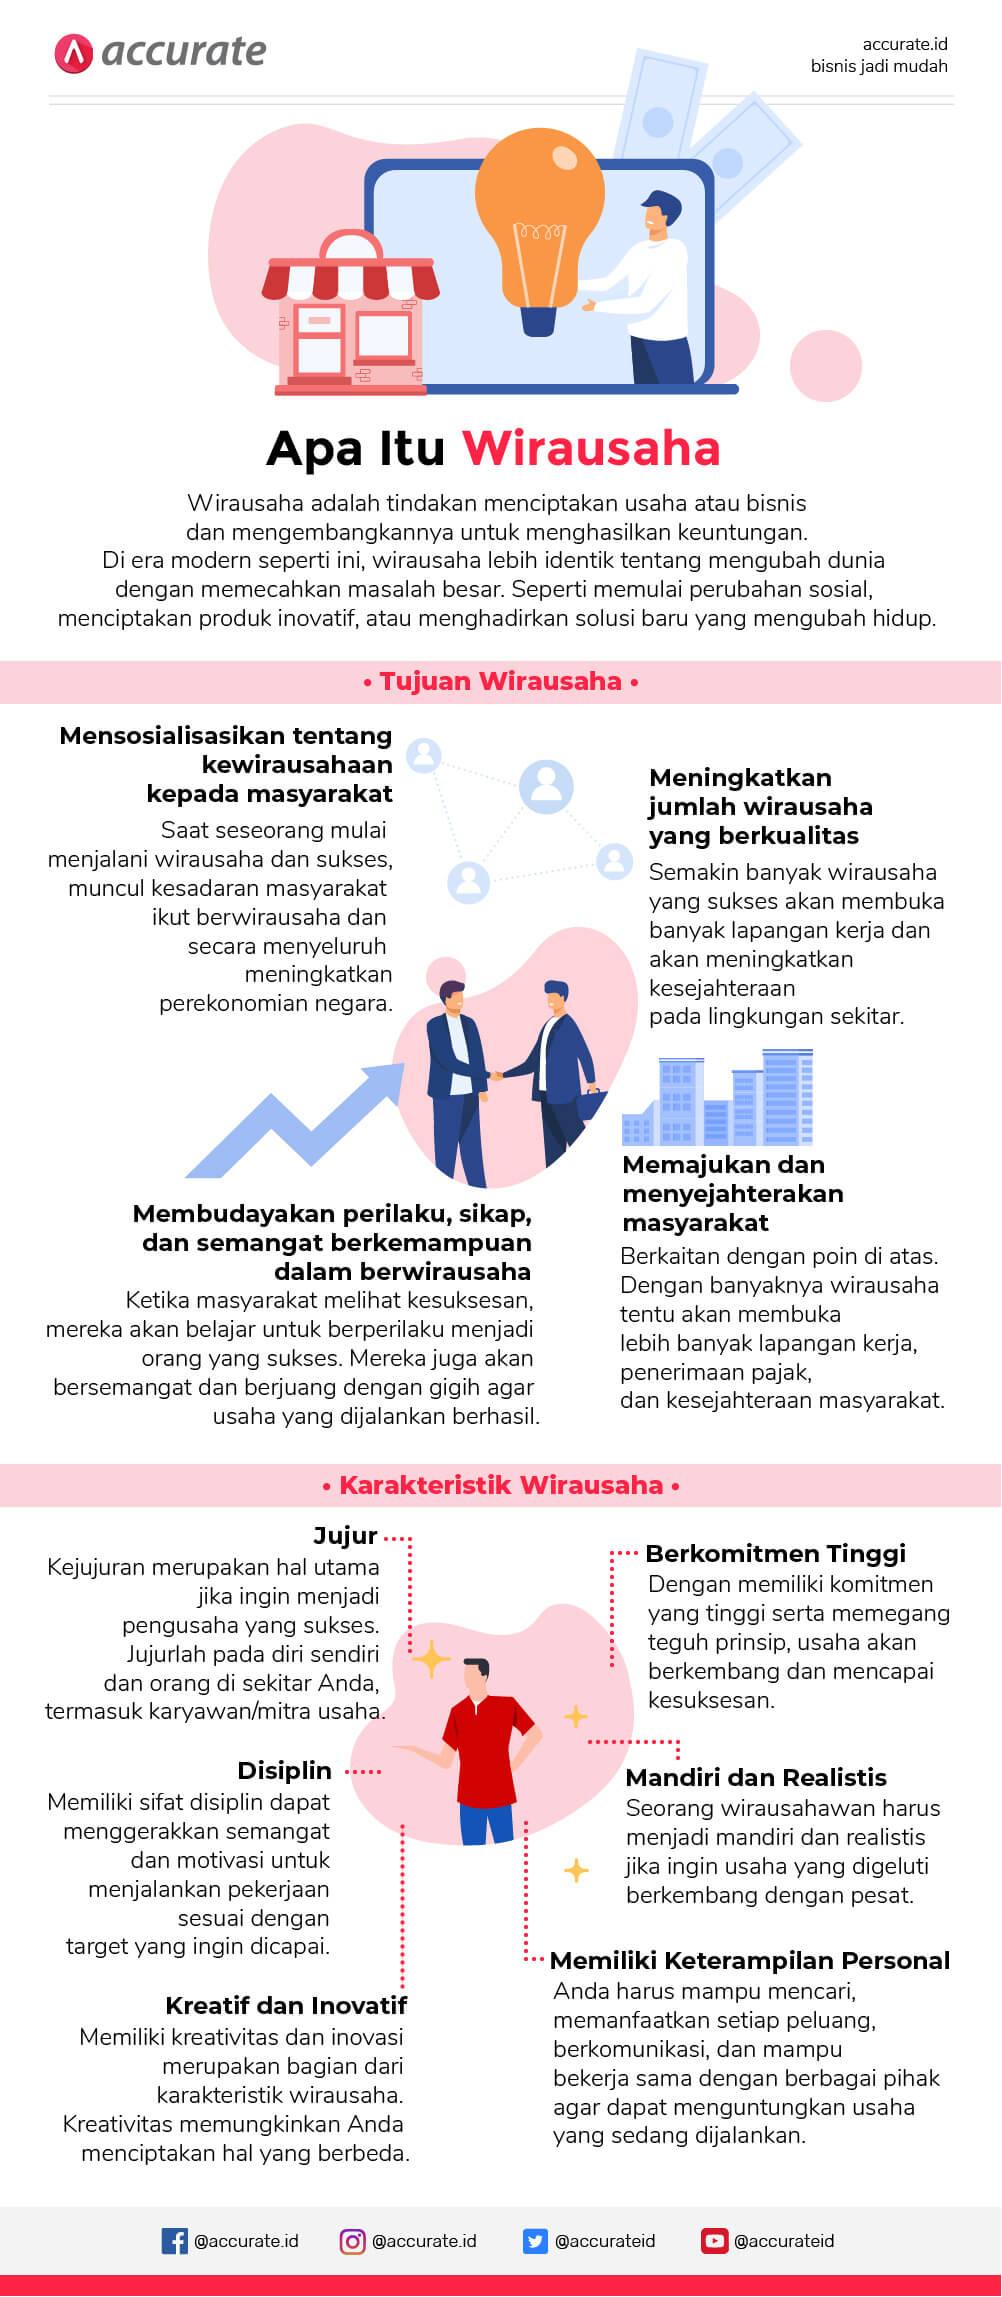 Infografis karakteristik wirausaha